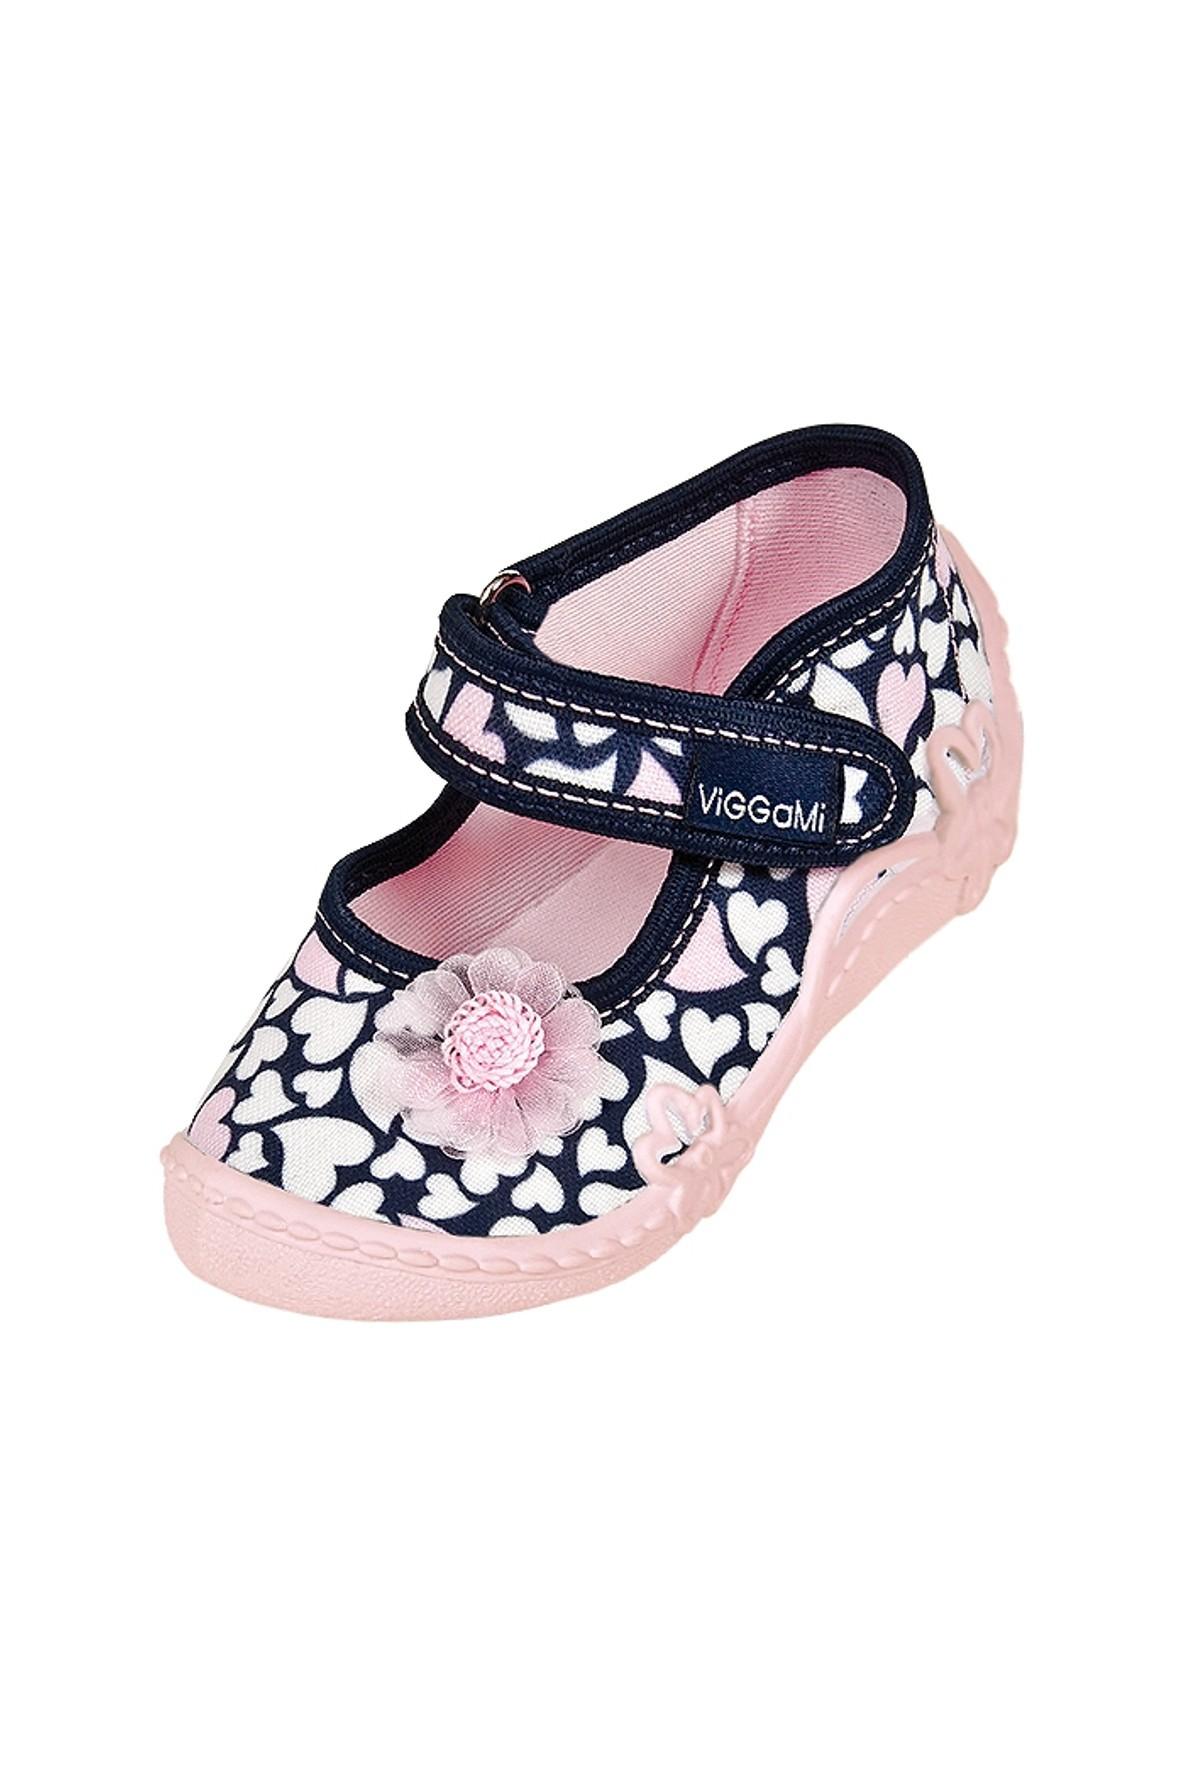 Buty dziewczęce granatowe z różowymi serduszkami